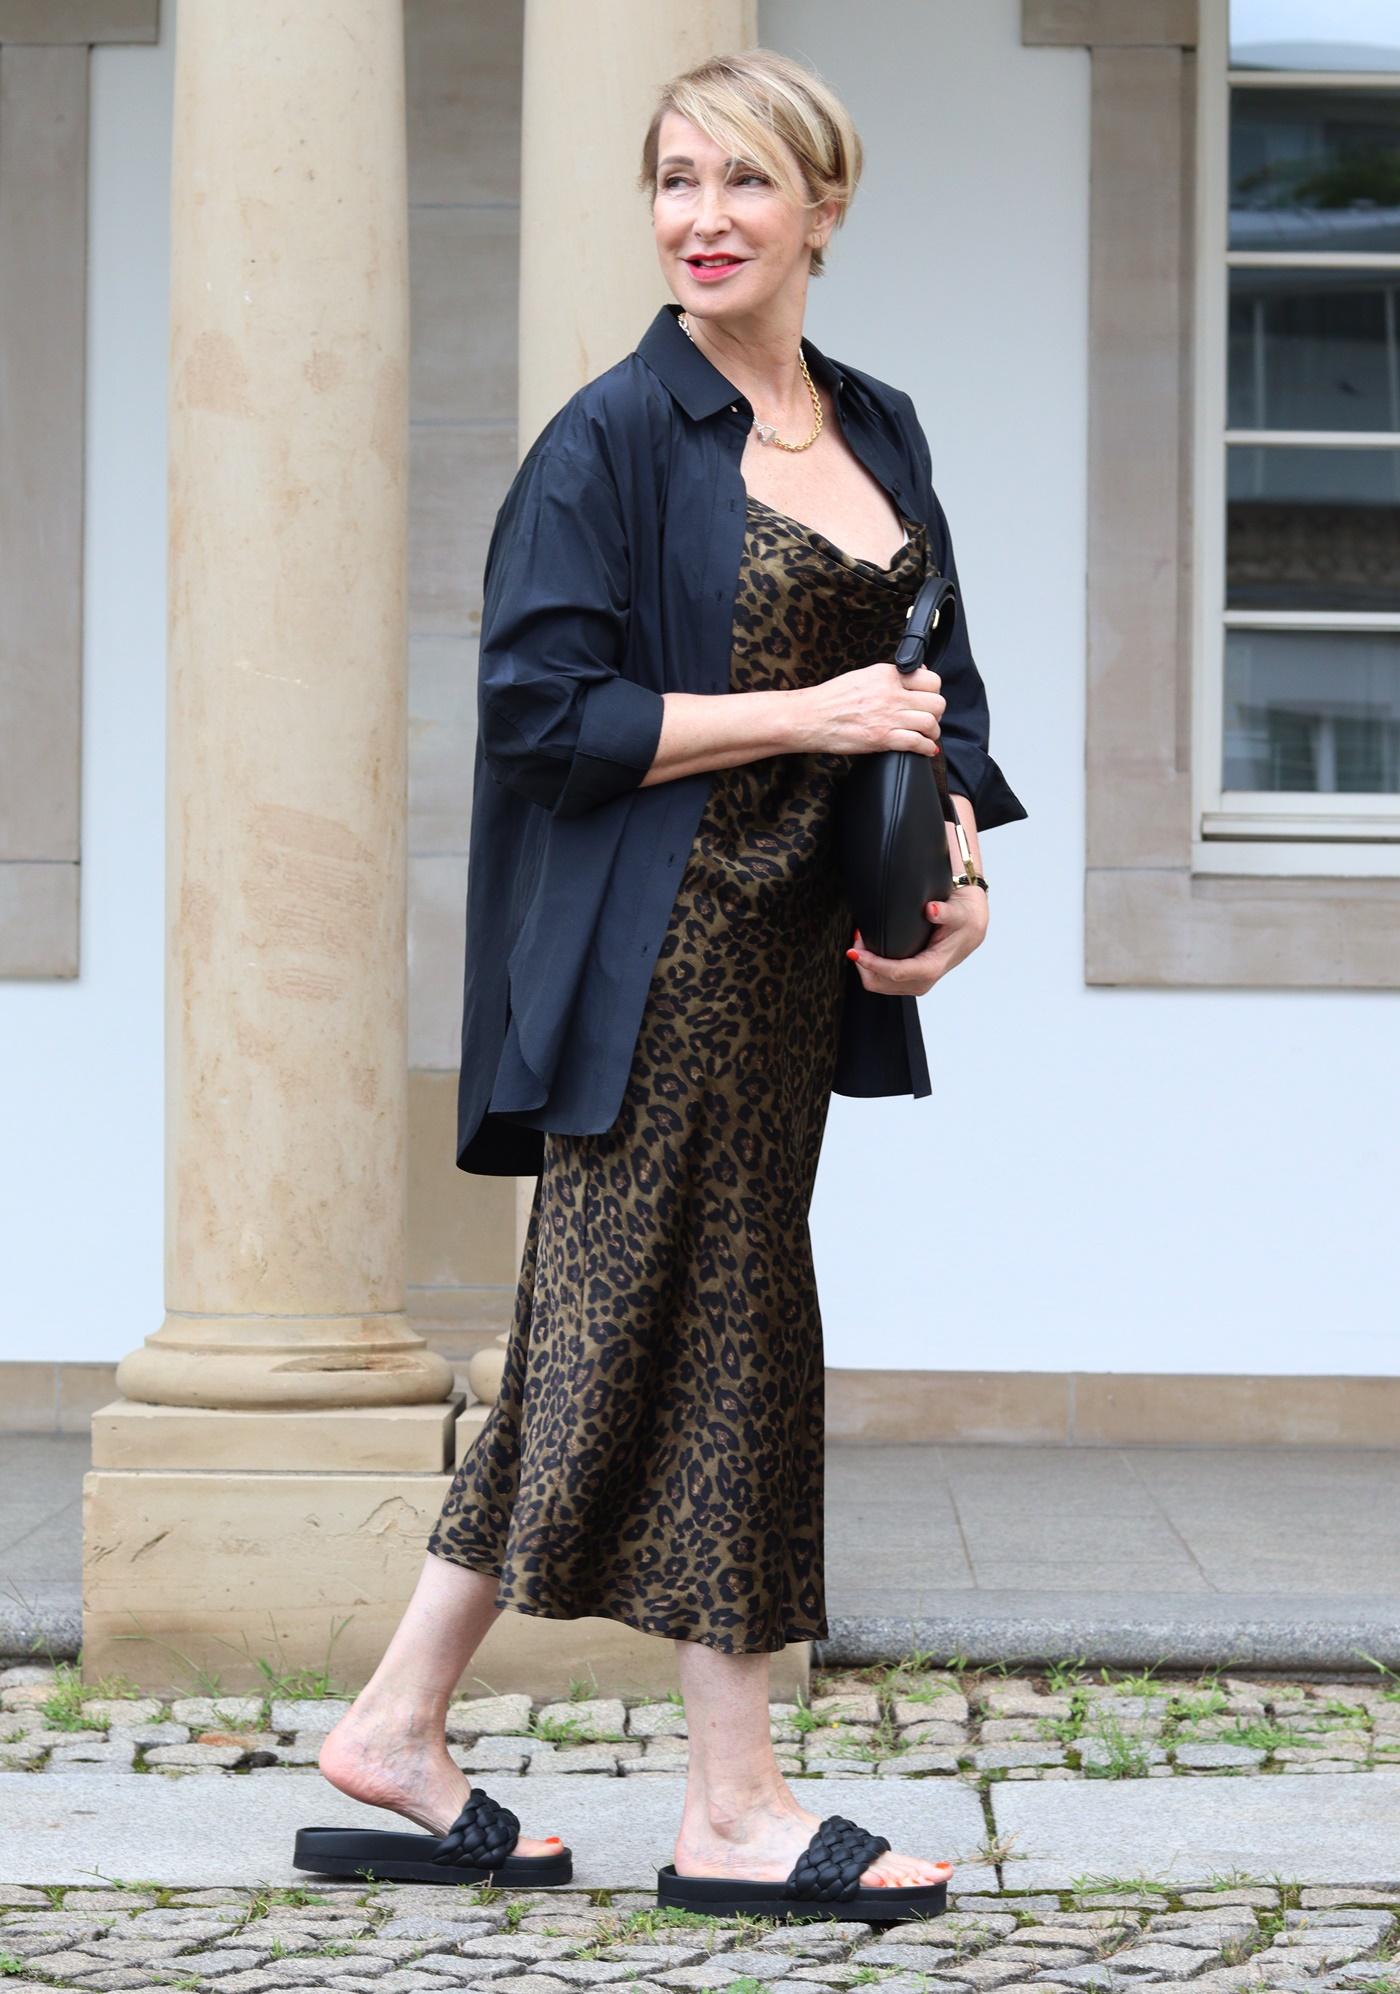 glamupyourlifestyle slip-dress Nachhaltigkeit Kaufverhalten Dorothee-Schumacher-Bluse ue-40-Blog ue-50-Mode